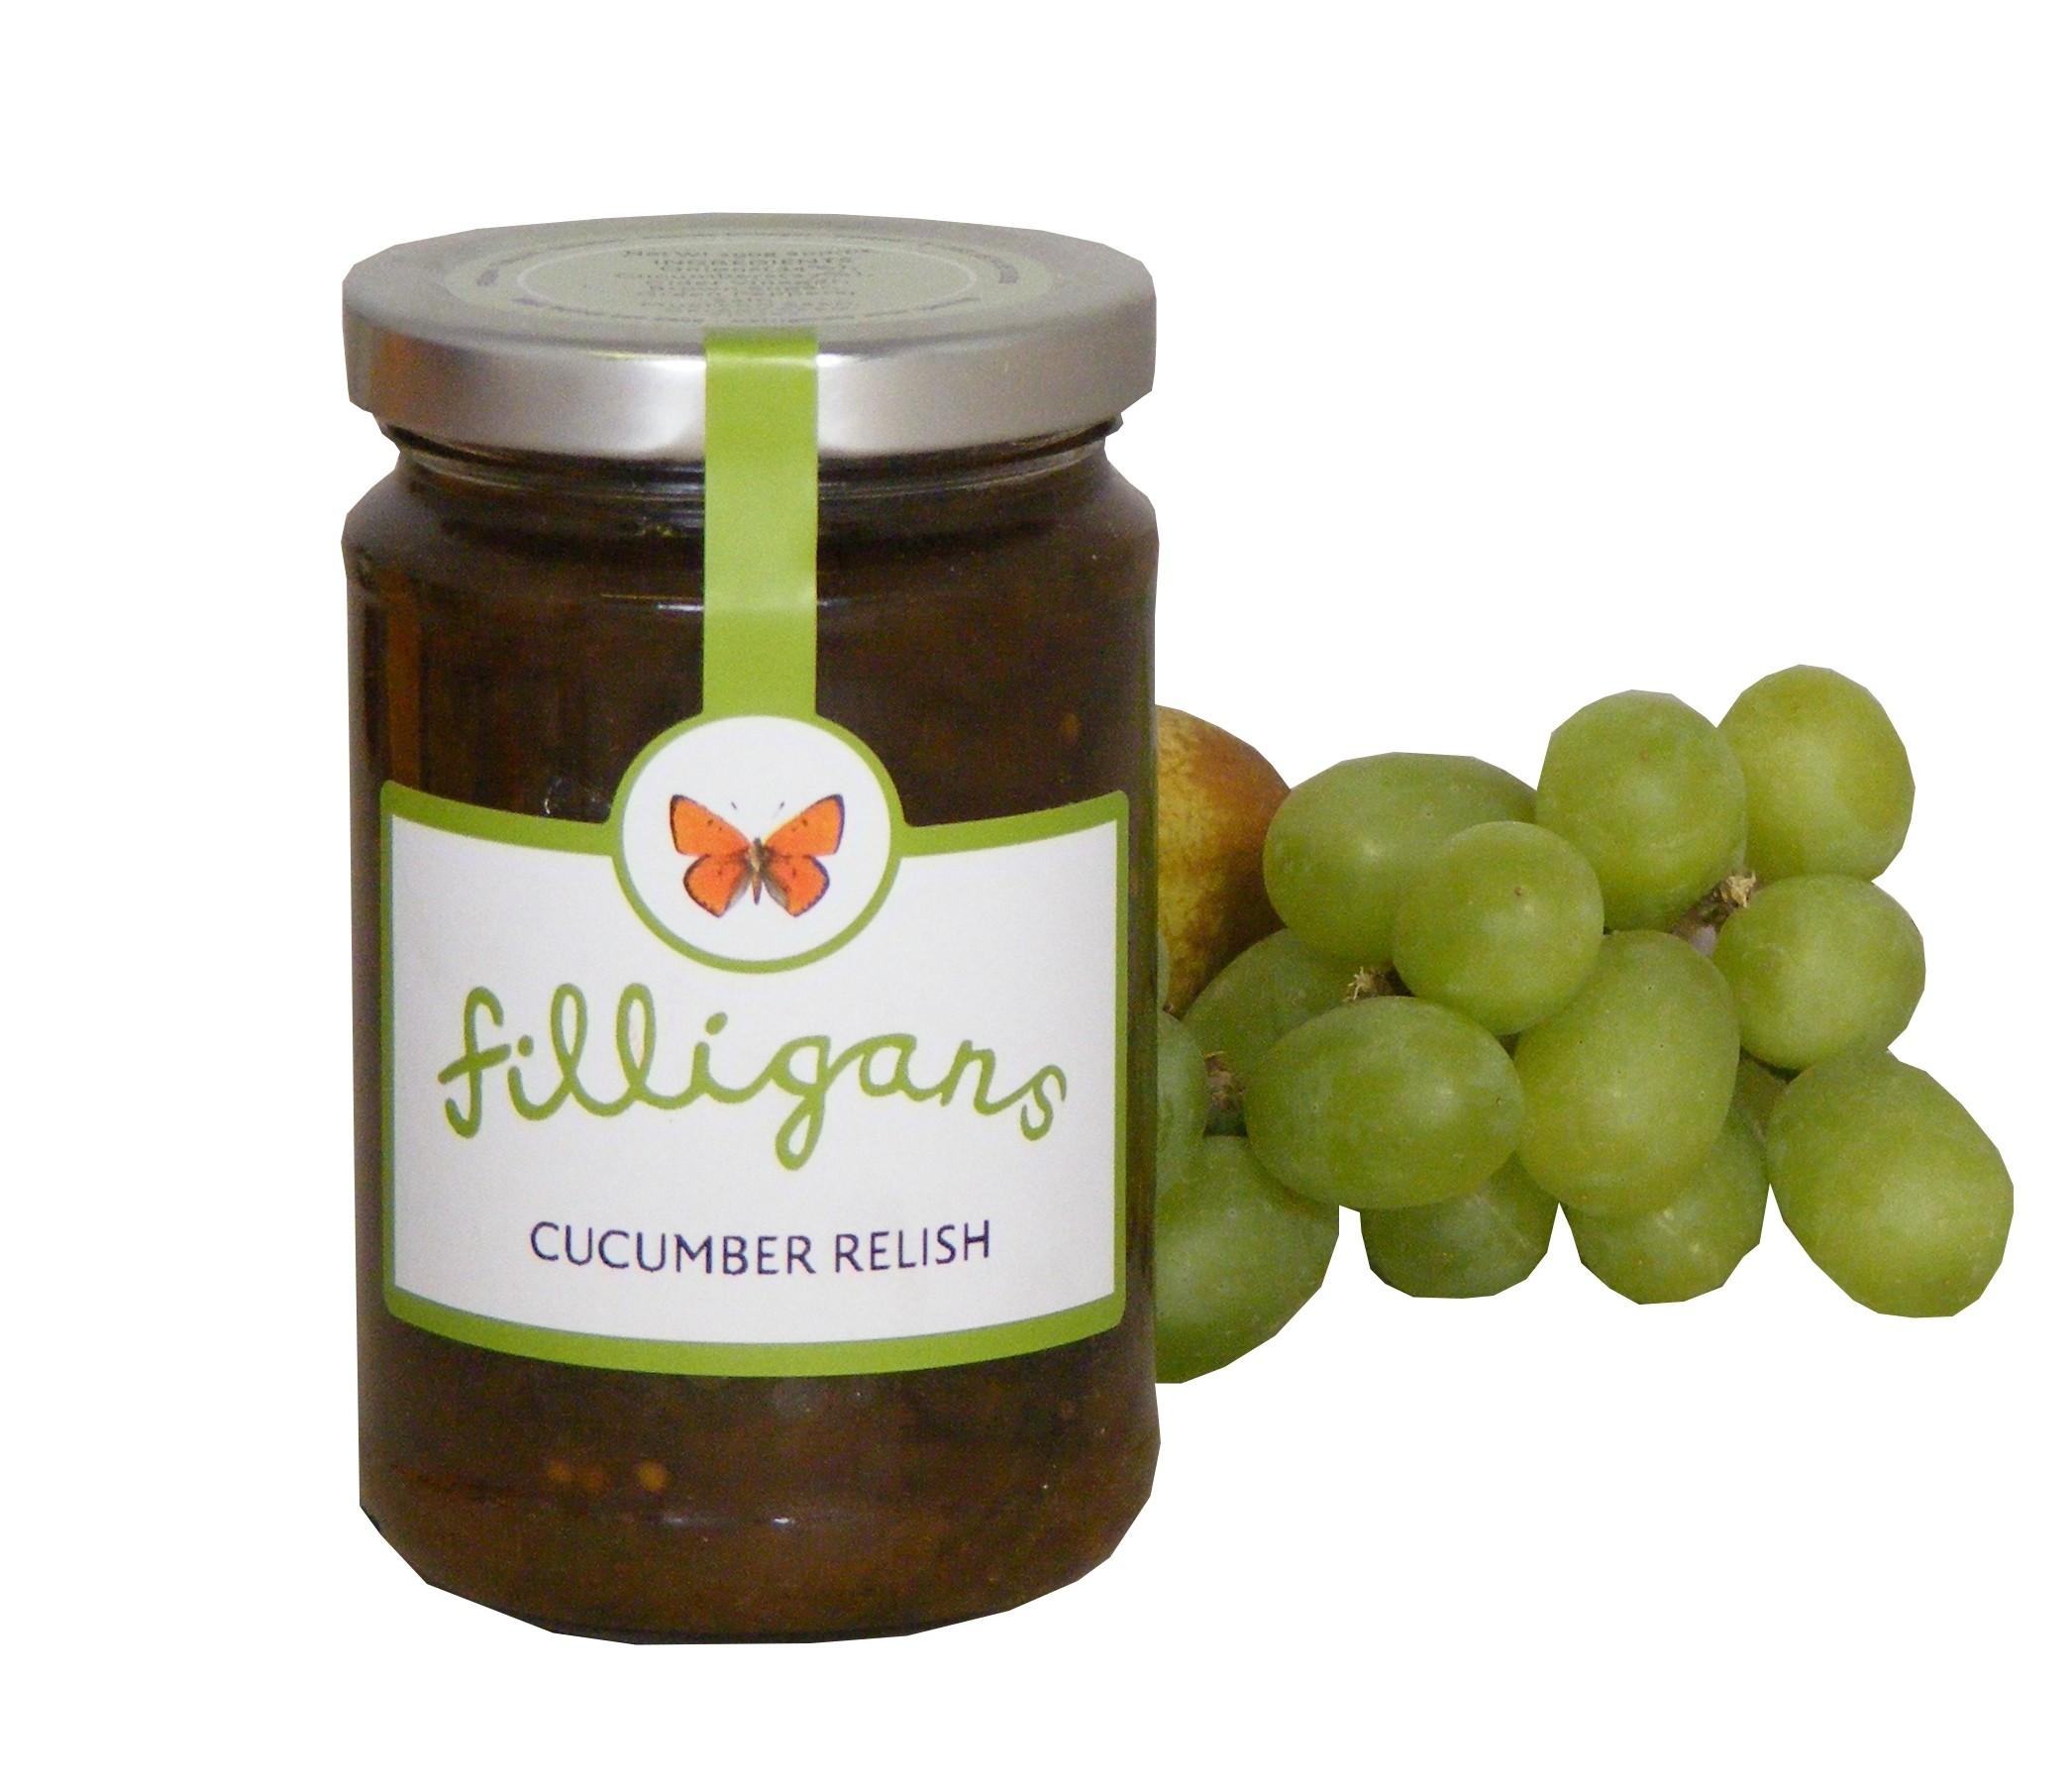 Filligans Cucumber Relish